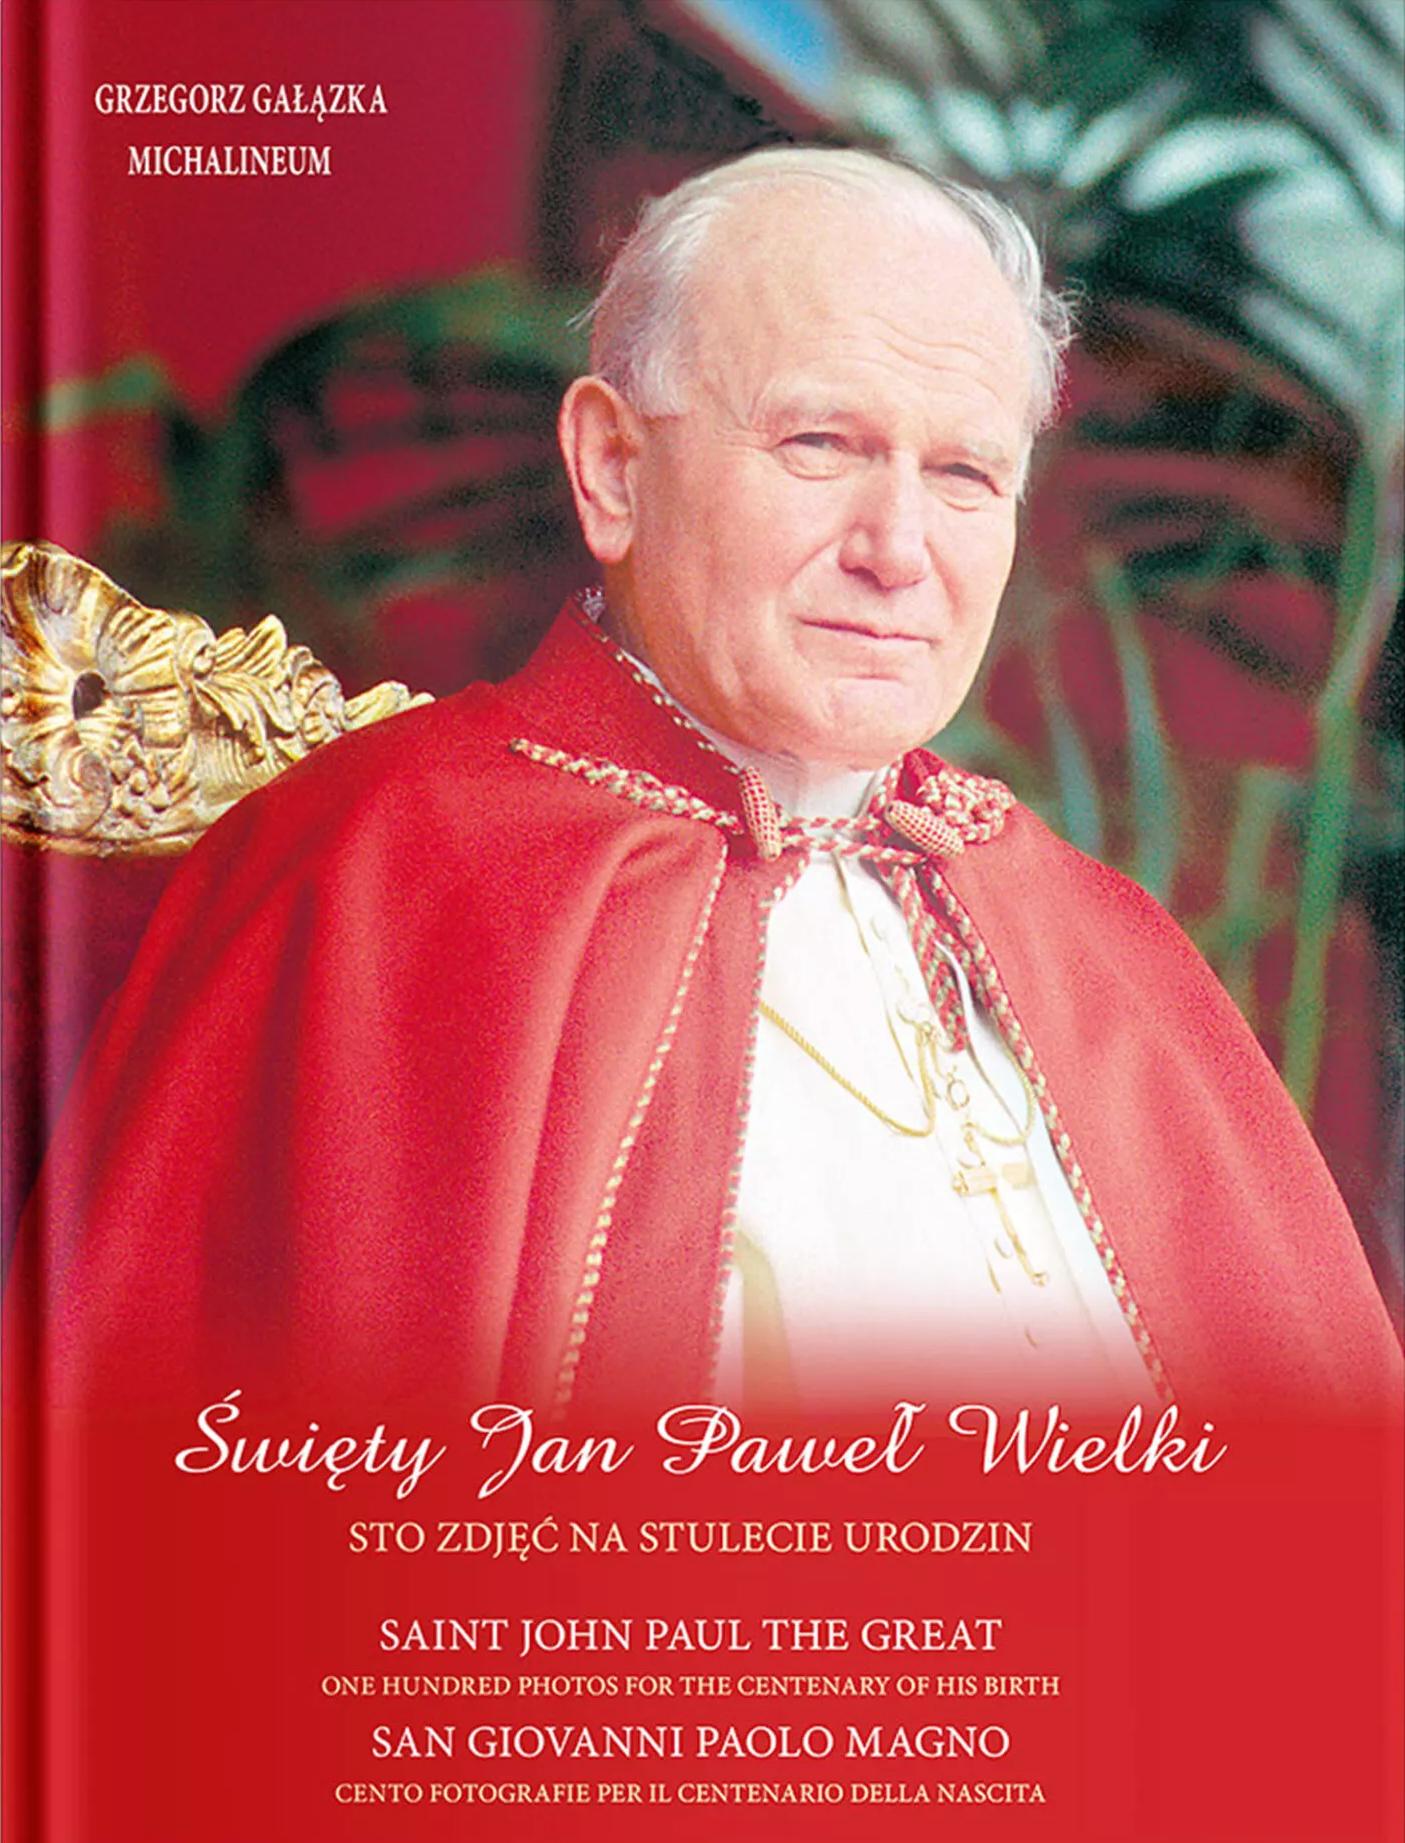 Święty Jan Paweł Wielki